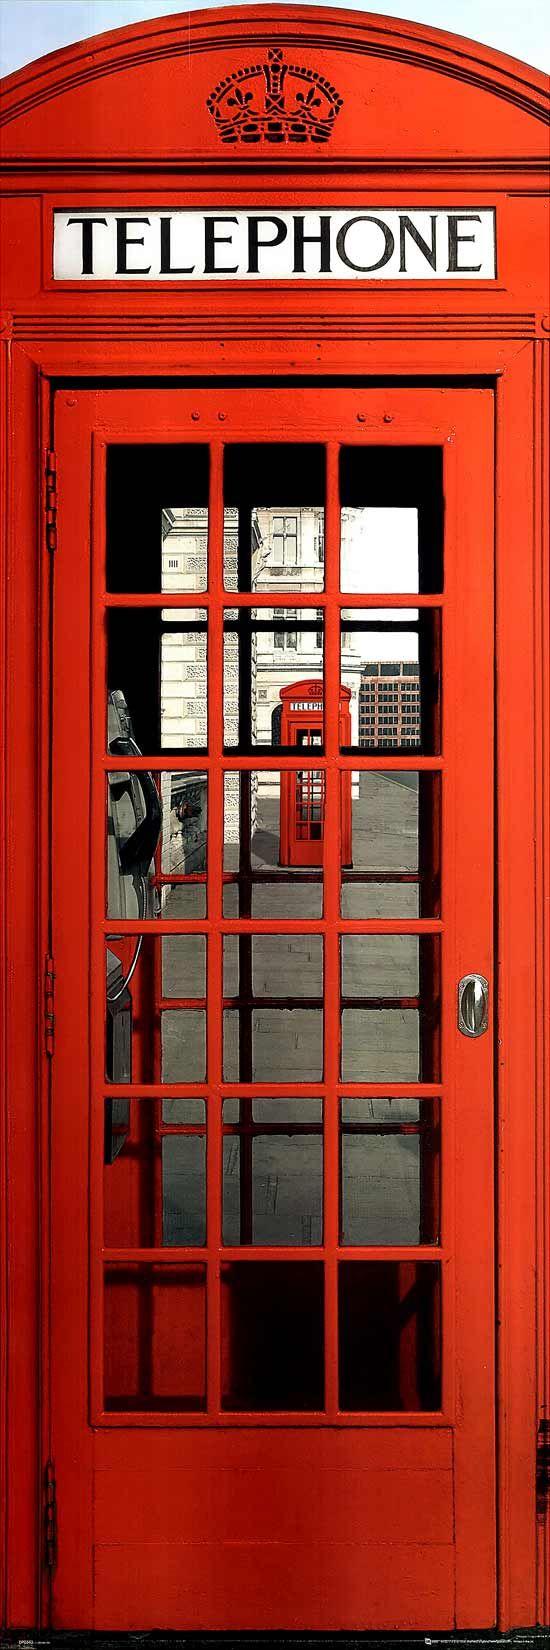 British phone booth